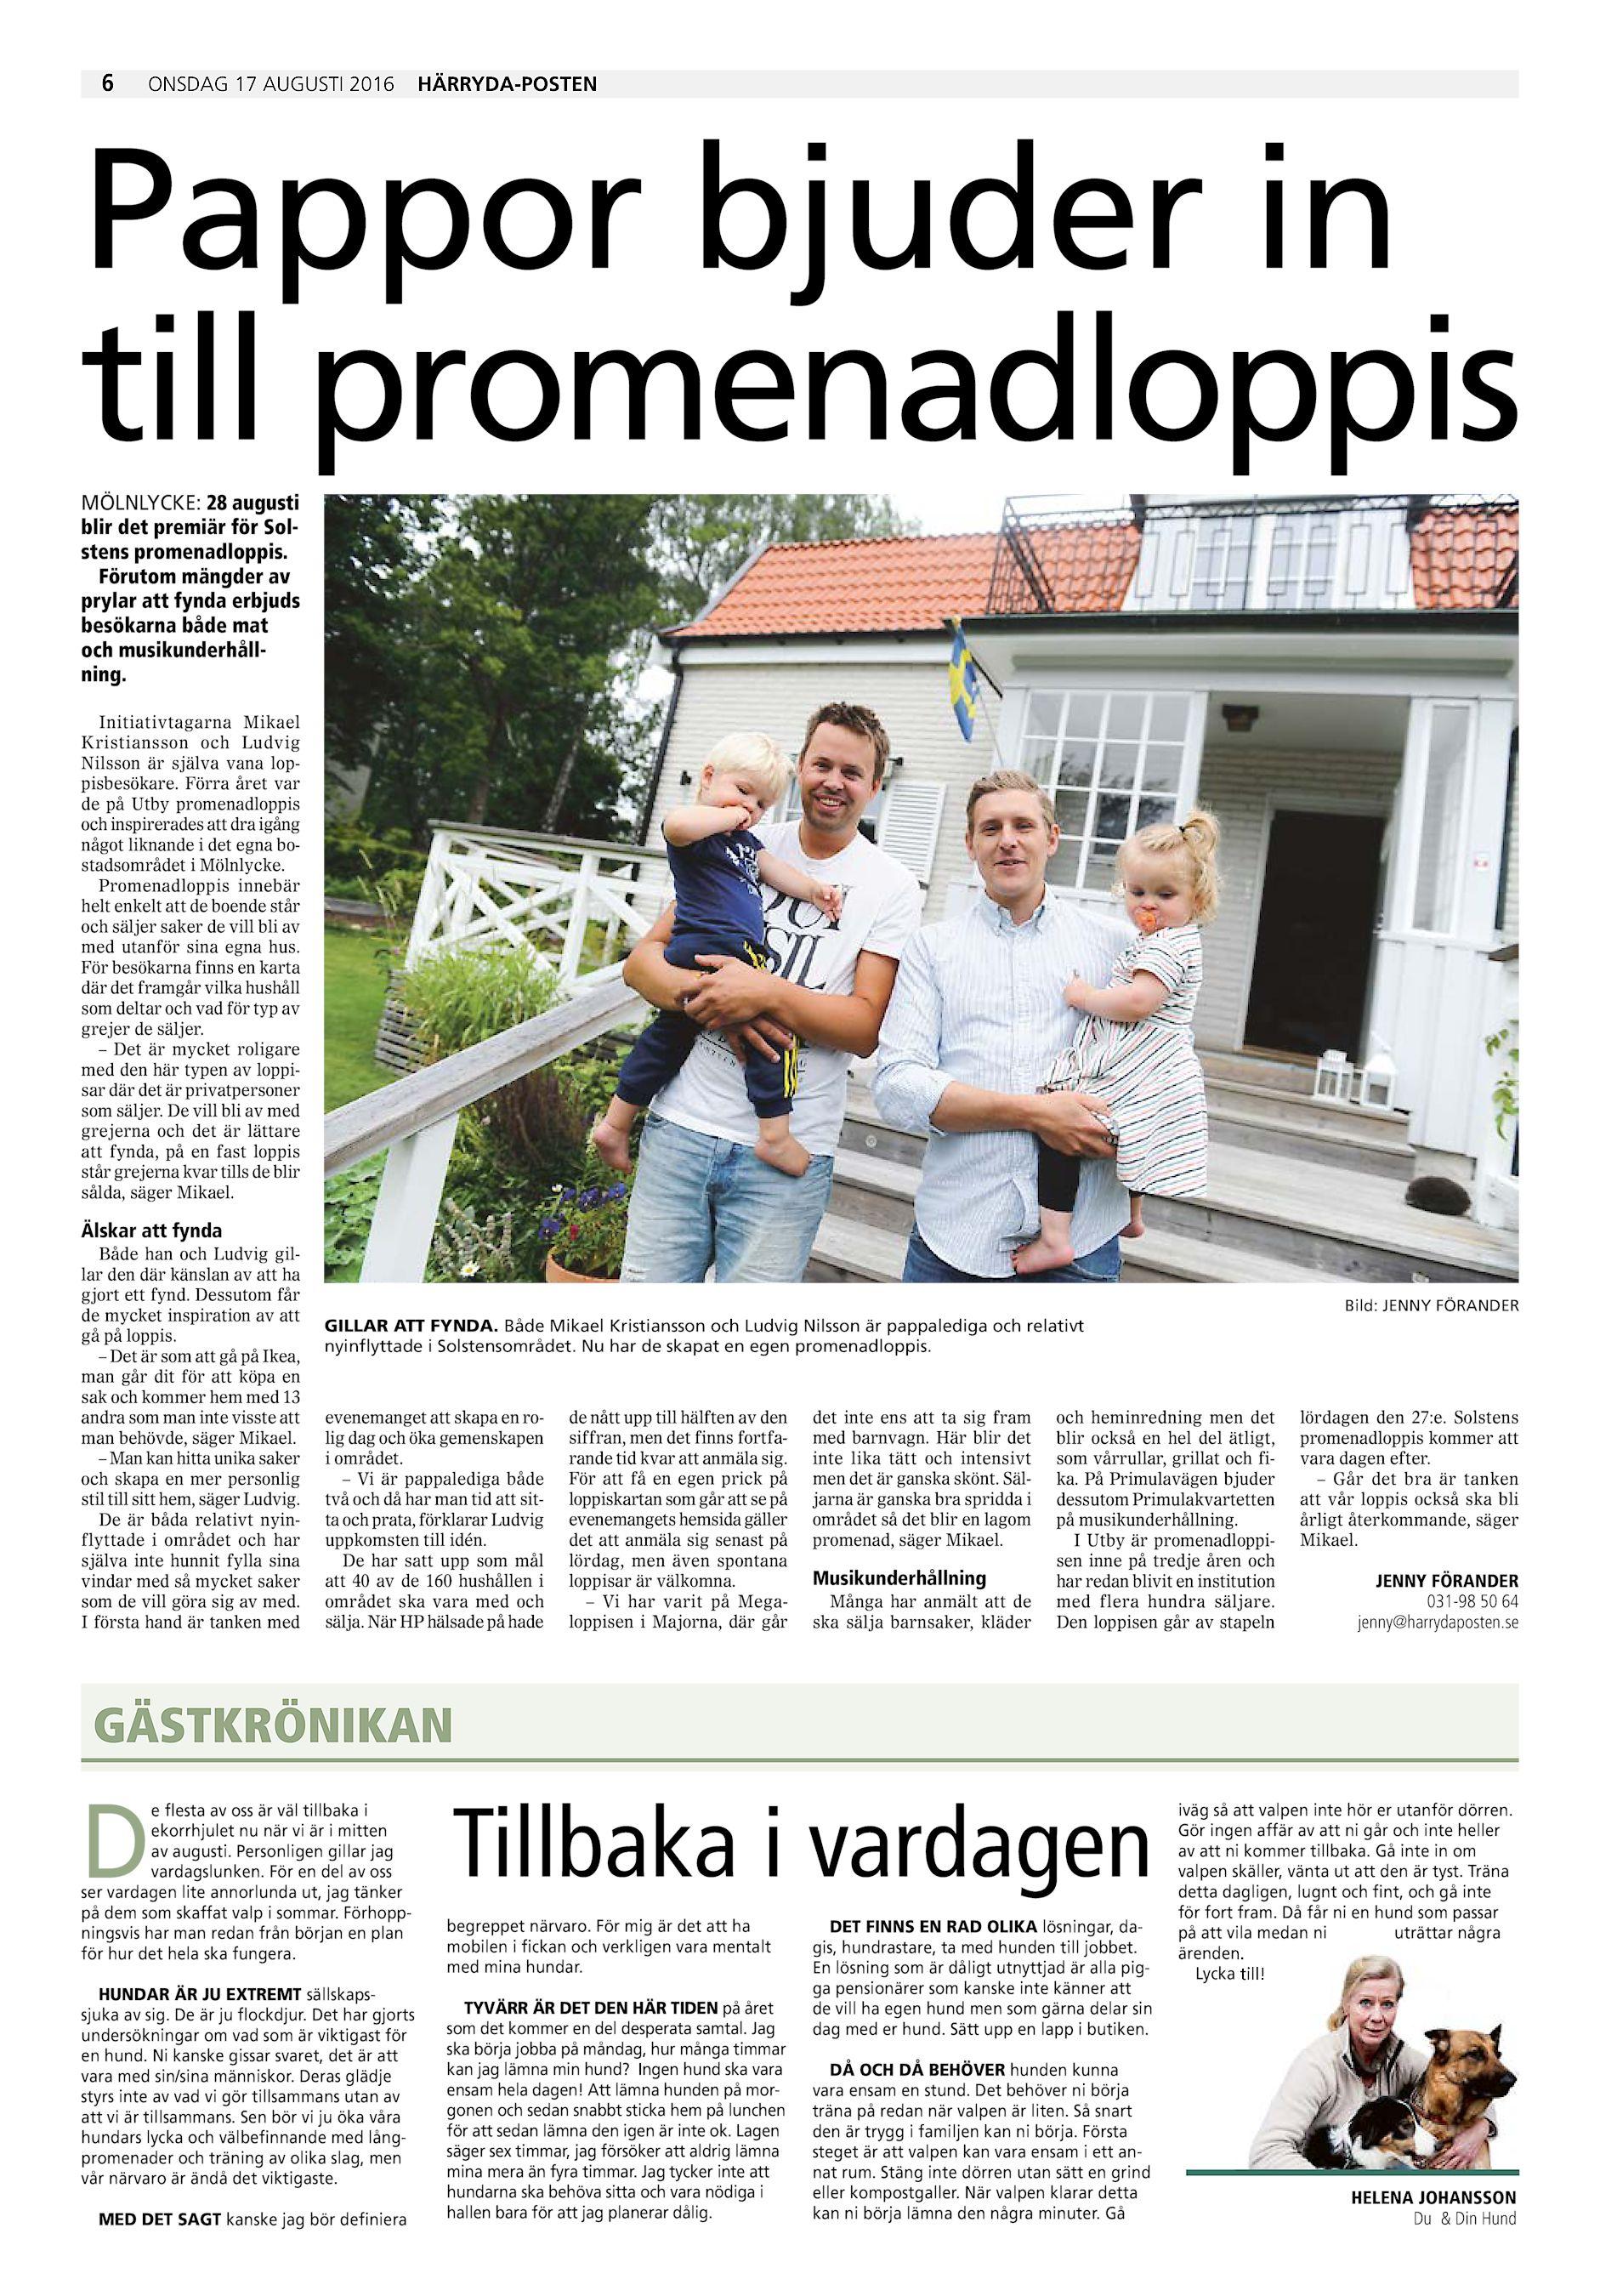 6 ONSDAG 17 AUGUSTI 2016 HÄRRYDA-POSTEN Pappor bjuder in till  promenadloppis MÖLNLYCKE  28 augusti blir det premiär för Solstens  promenadloppis. 1db6a629a2325